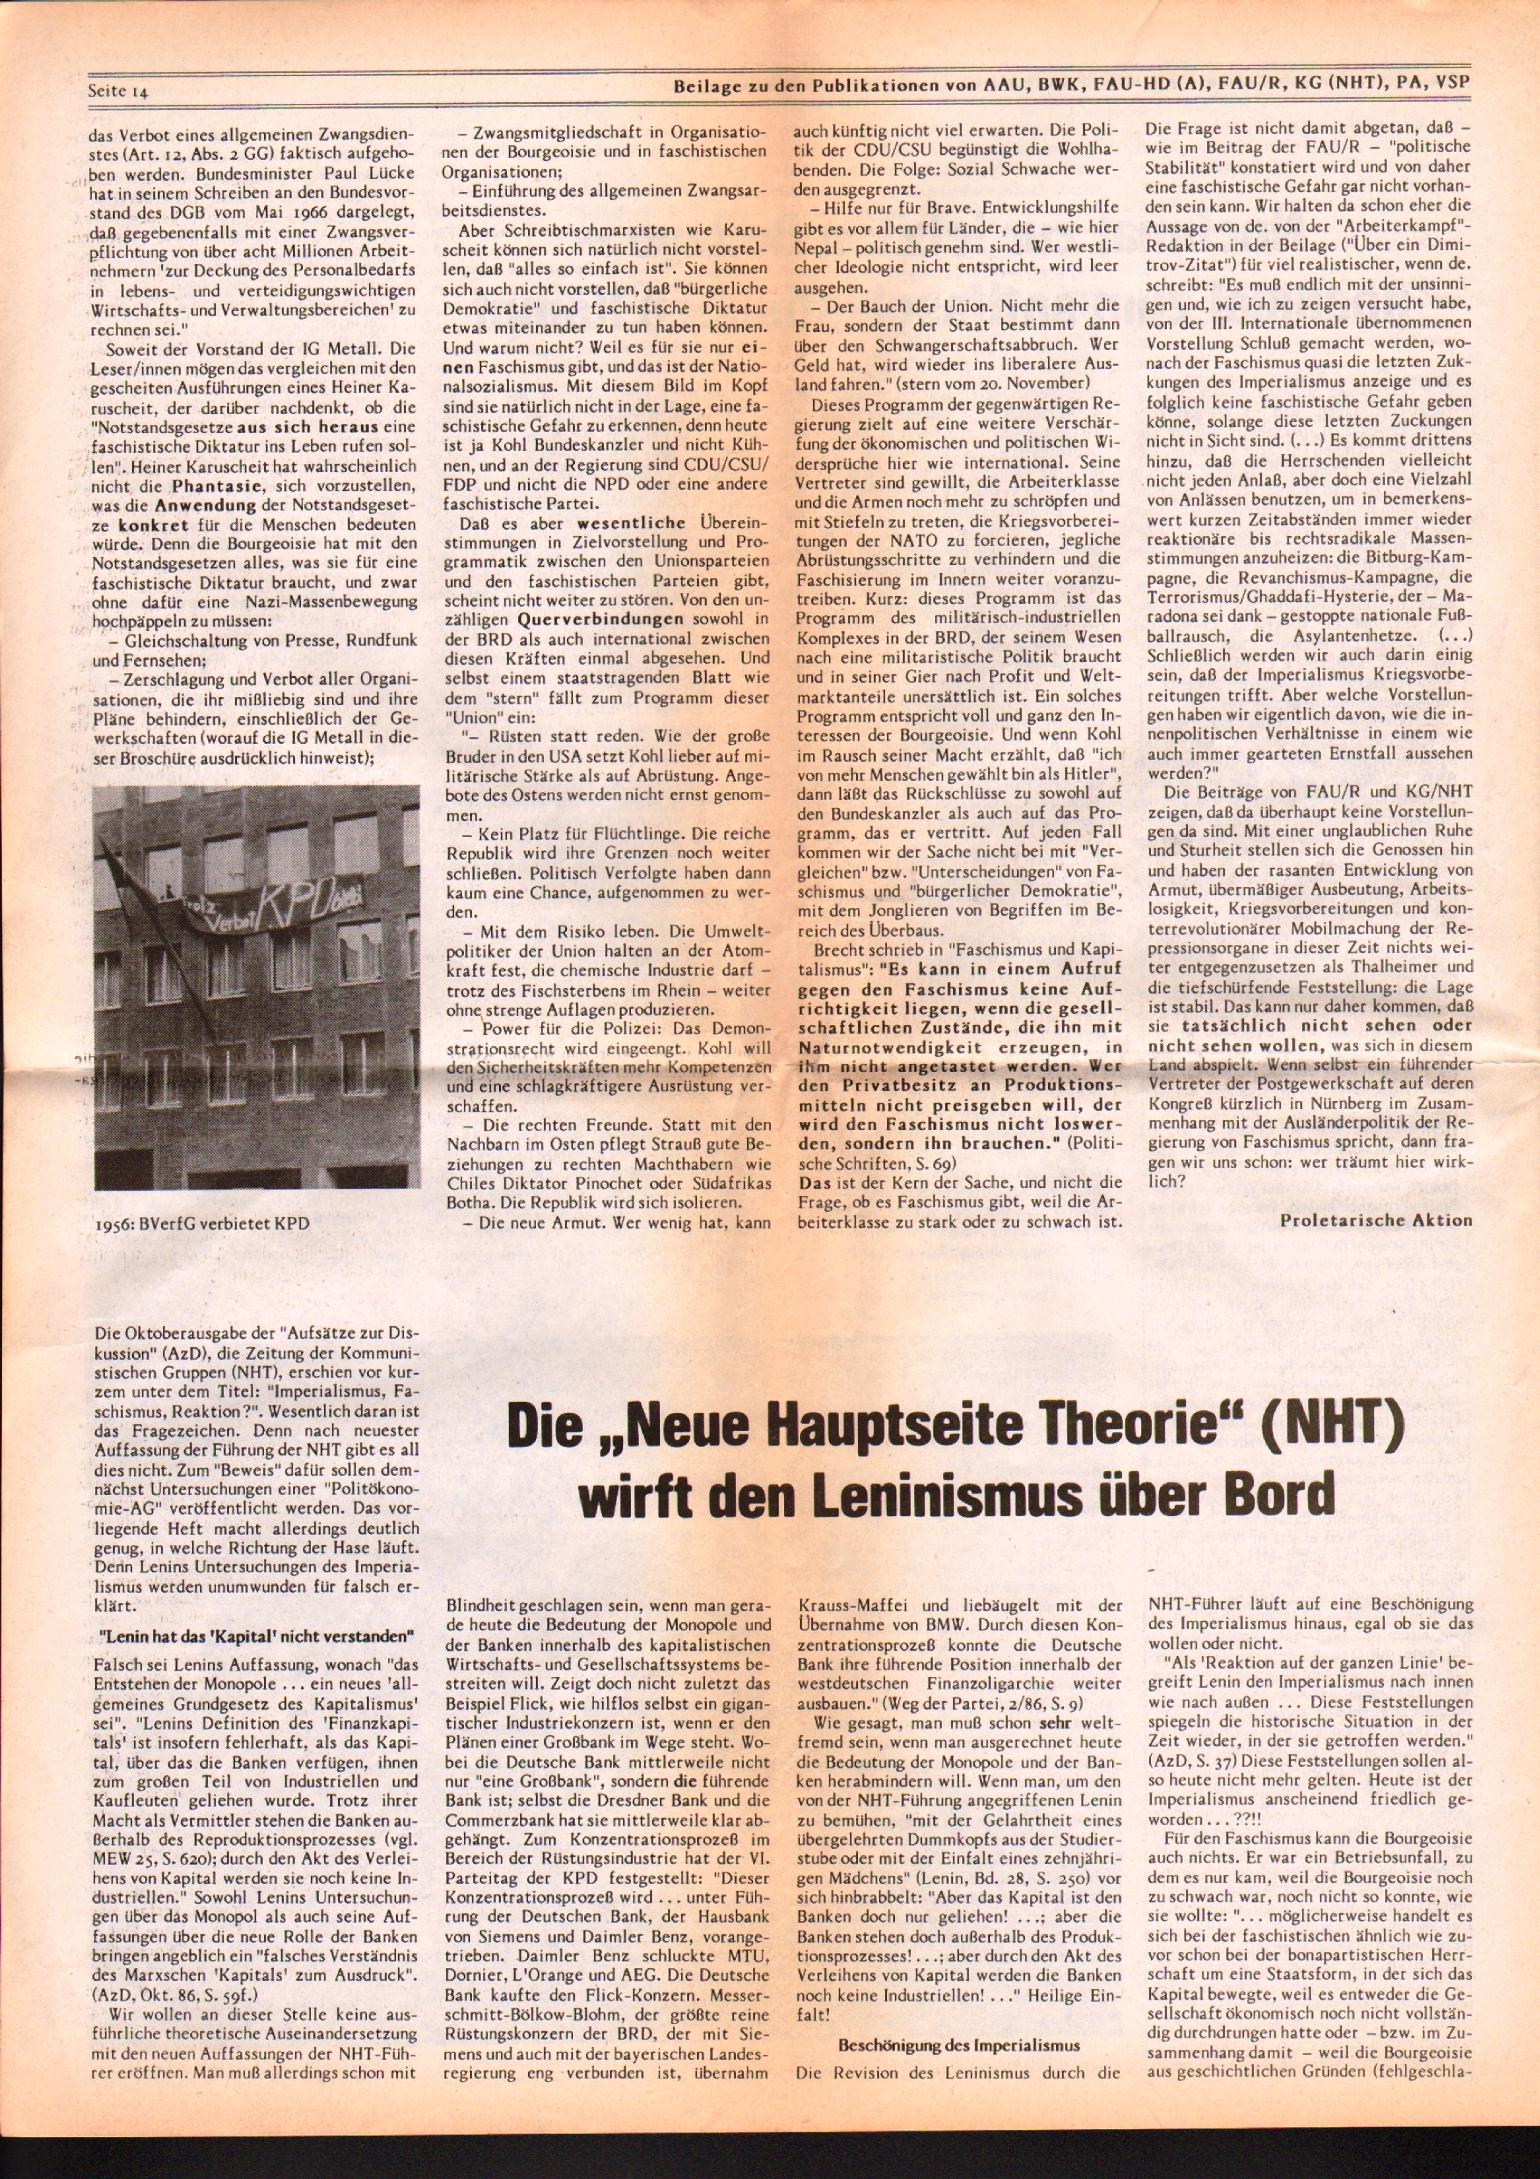 Gemeinsame_Beilage_1986_04_14